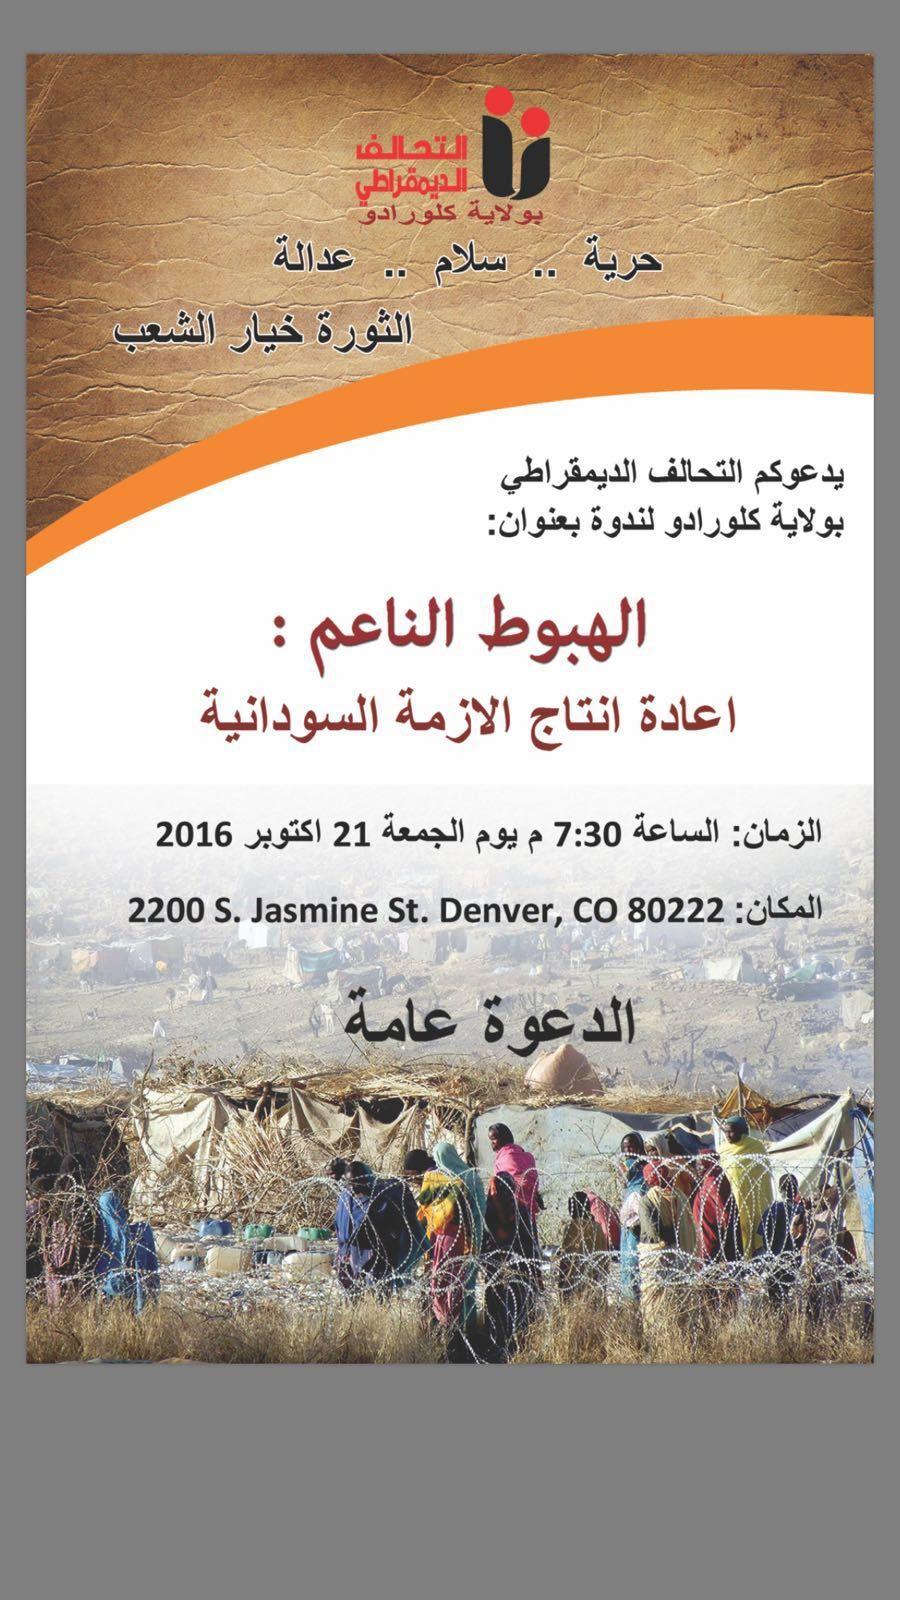 ندوة للتحالف الديمقراطى بكلورادو بعنوان الهبوط الناعم:اعادة انتاج الازمة السودانية